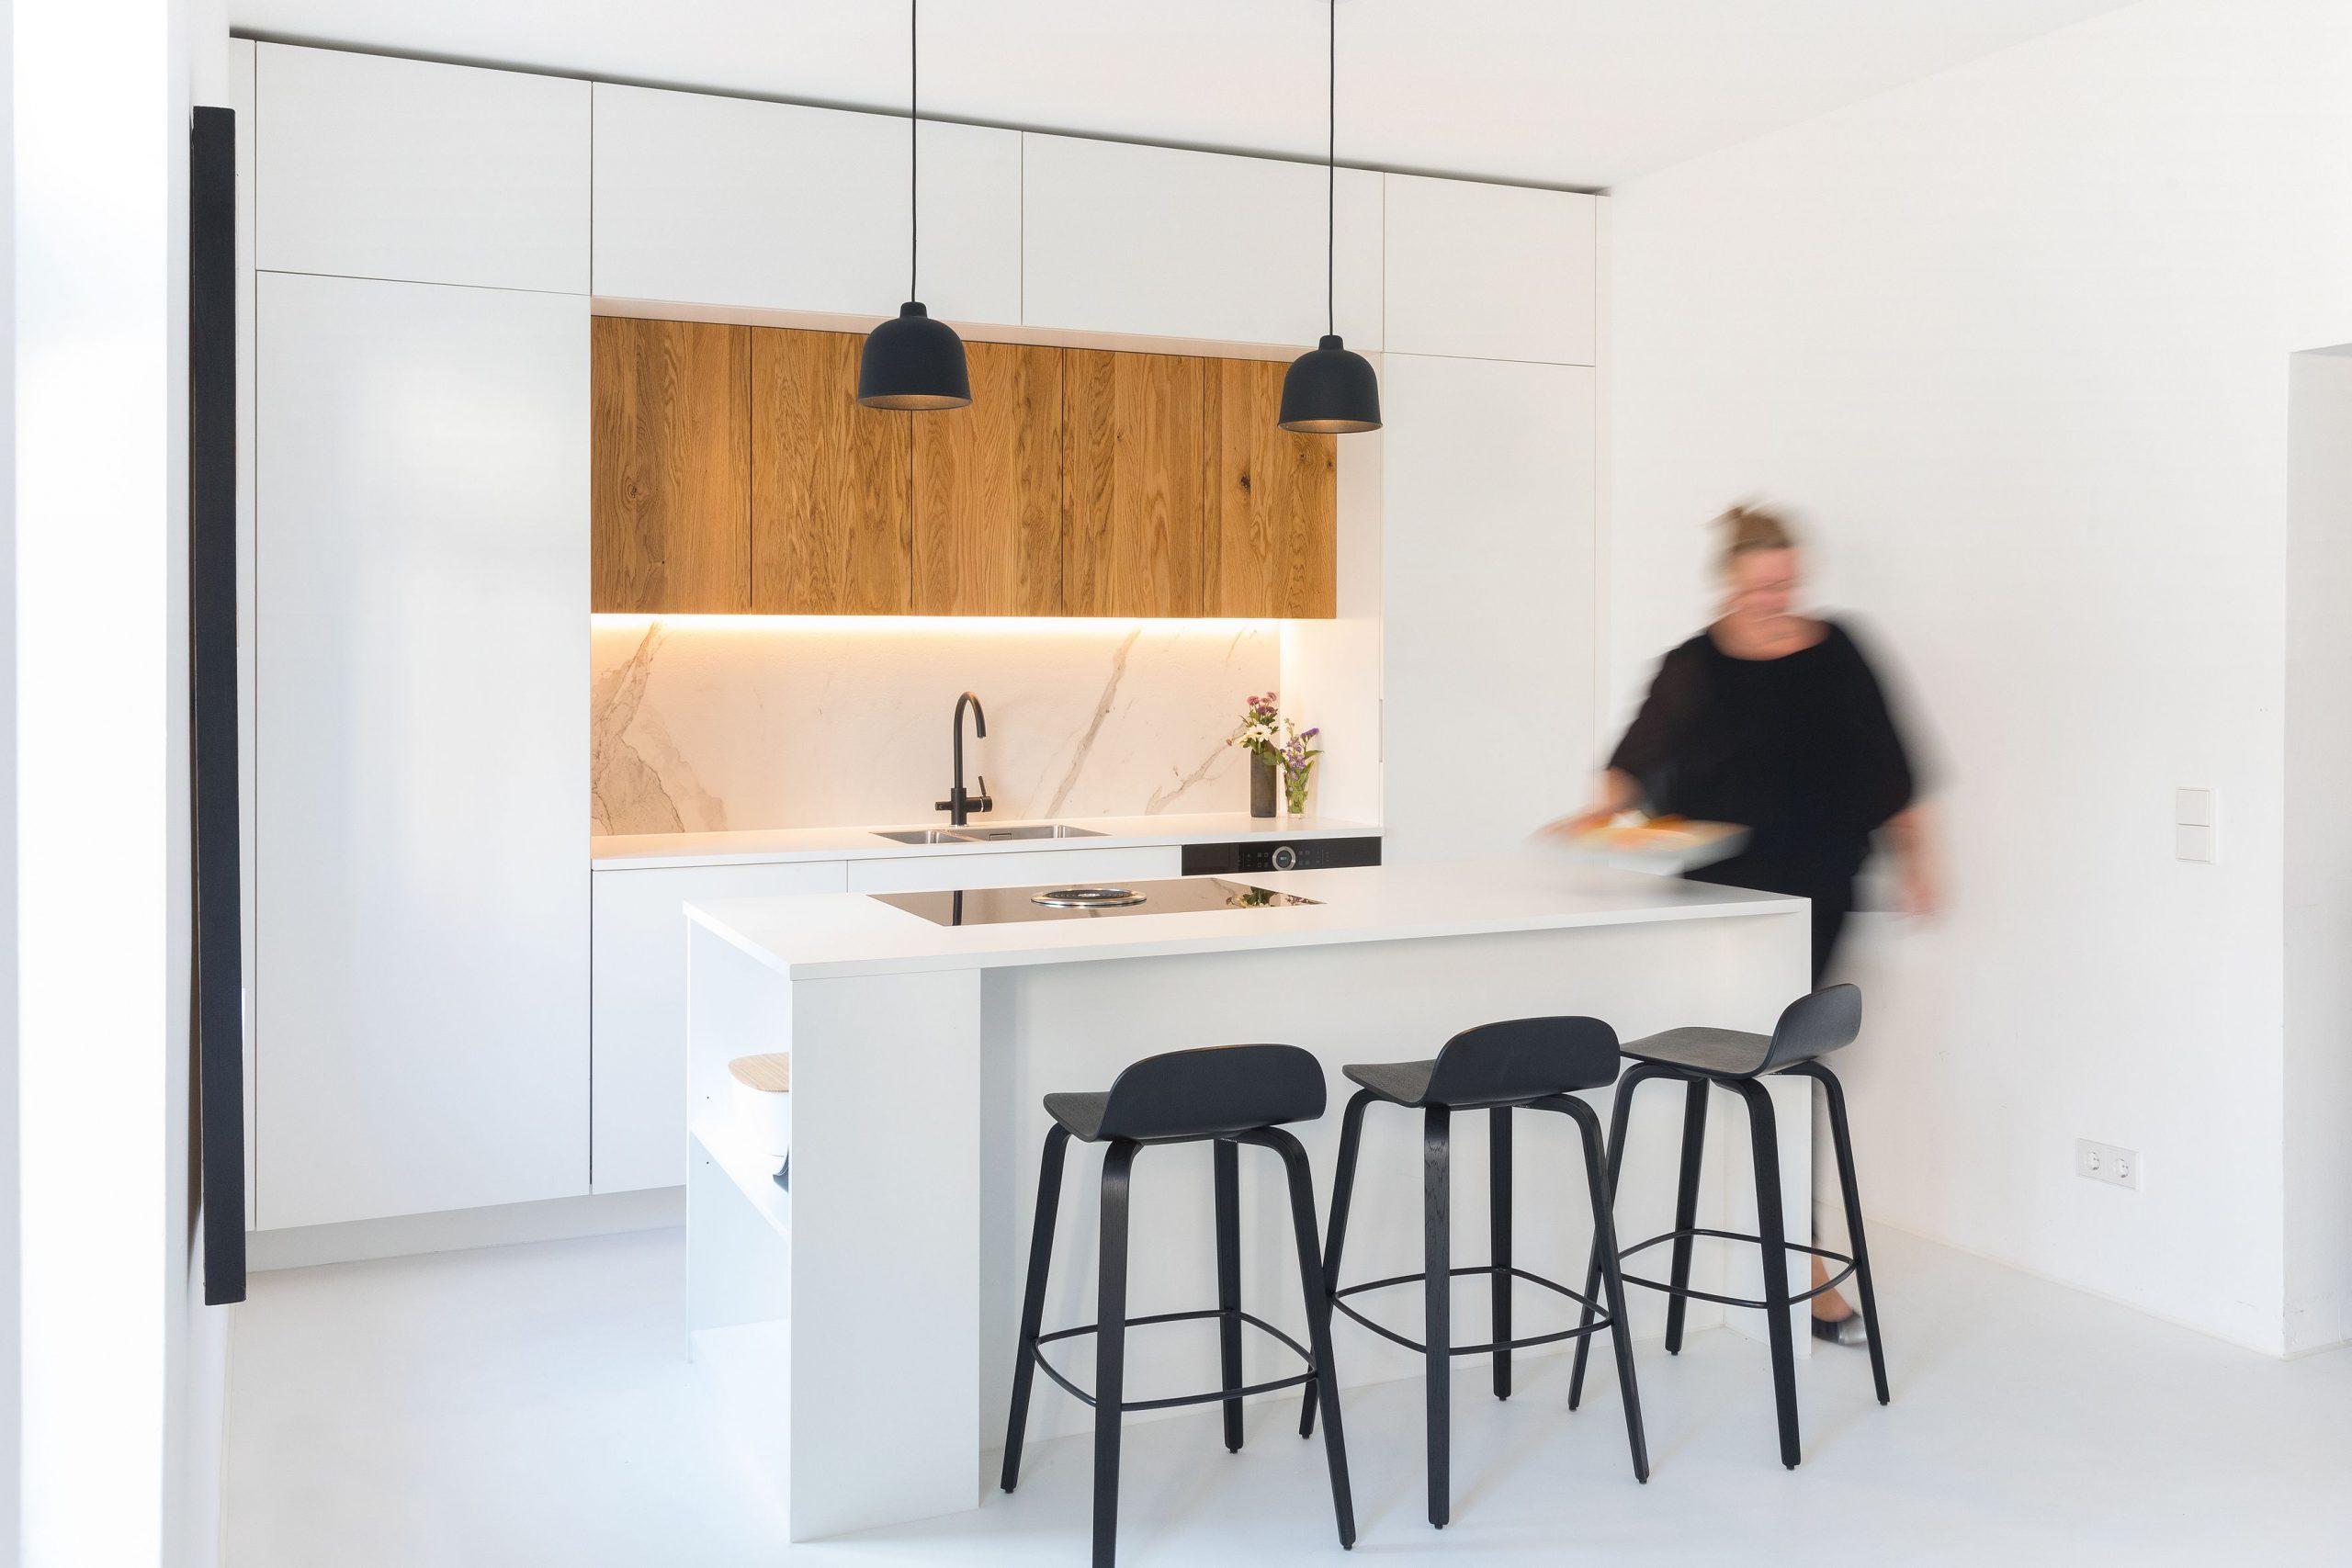 Full Size of Küche Planen Nürnberg Ikea Küche Planen Lassen Küche Planen Göppingen Küche Planen Grundriss Küche Küche Planen